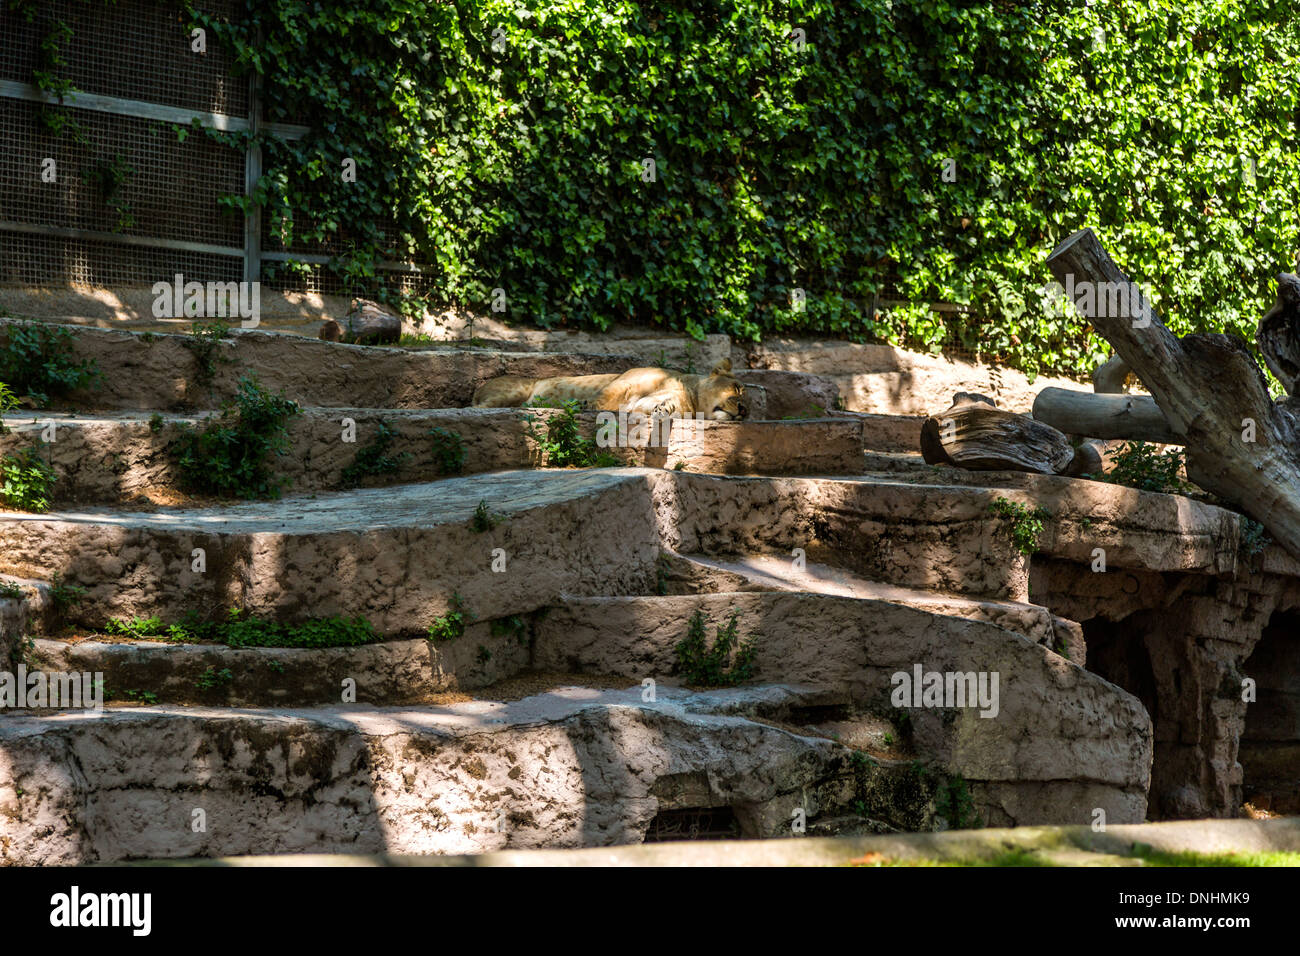 Löwe (Panthera Leo) schlafen im Zoo, Zoo von Barcelona, Barcelona, Katalonien, Spanien Stockbild